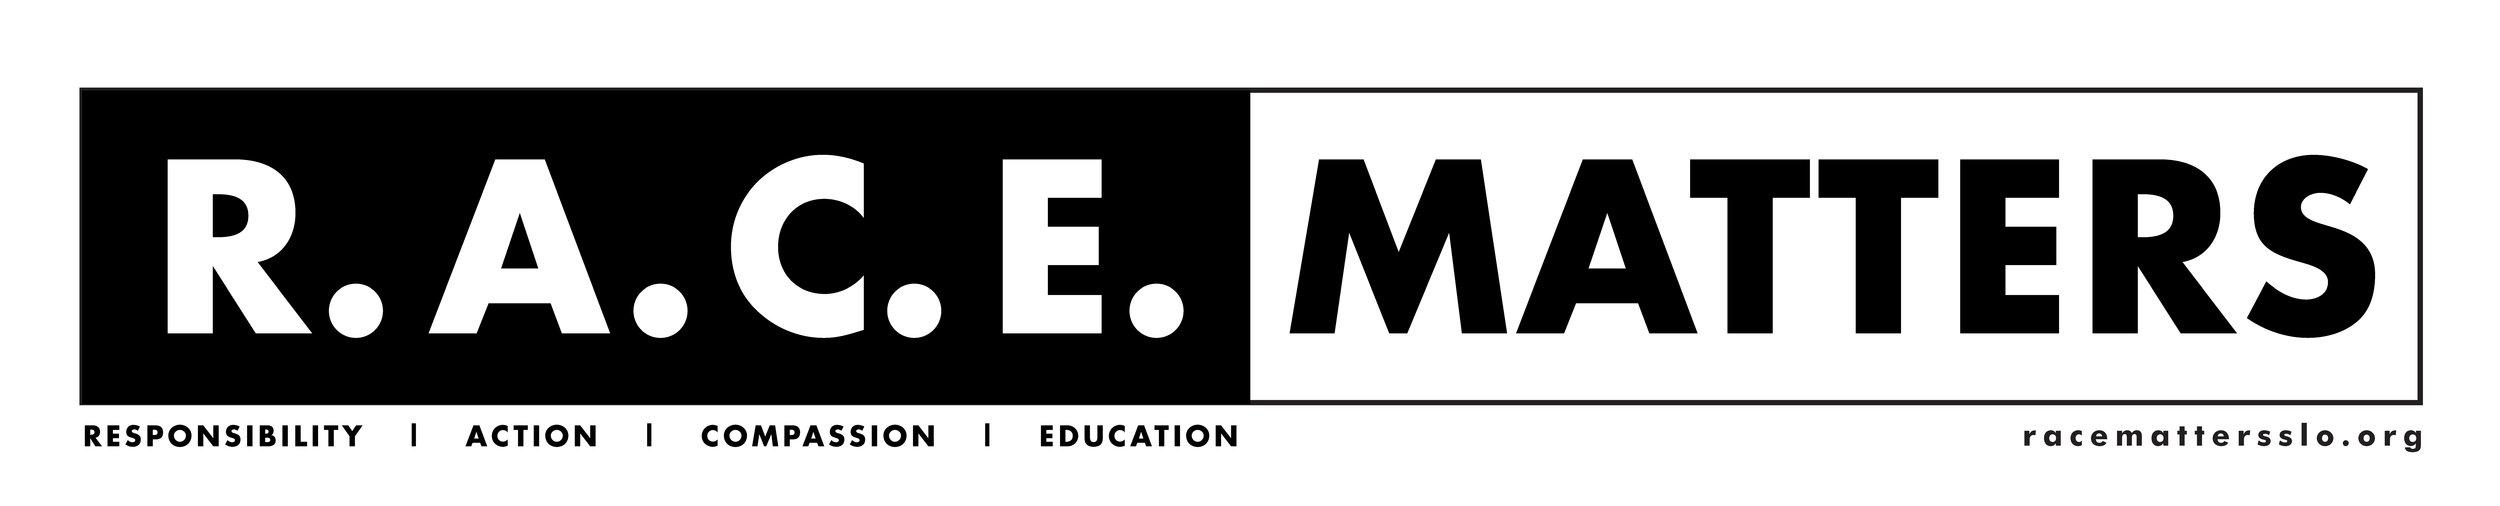 R.A.C.E. Matters PDF logo.jpg